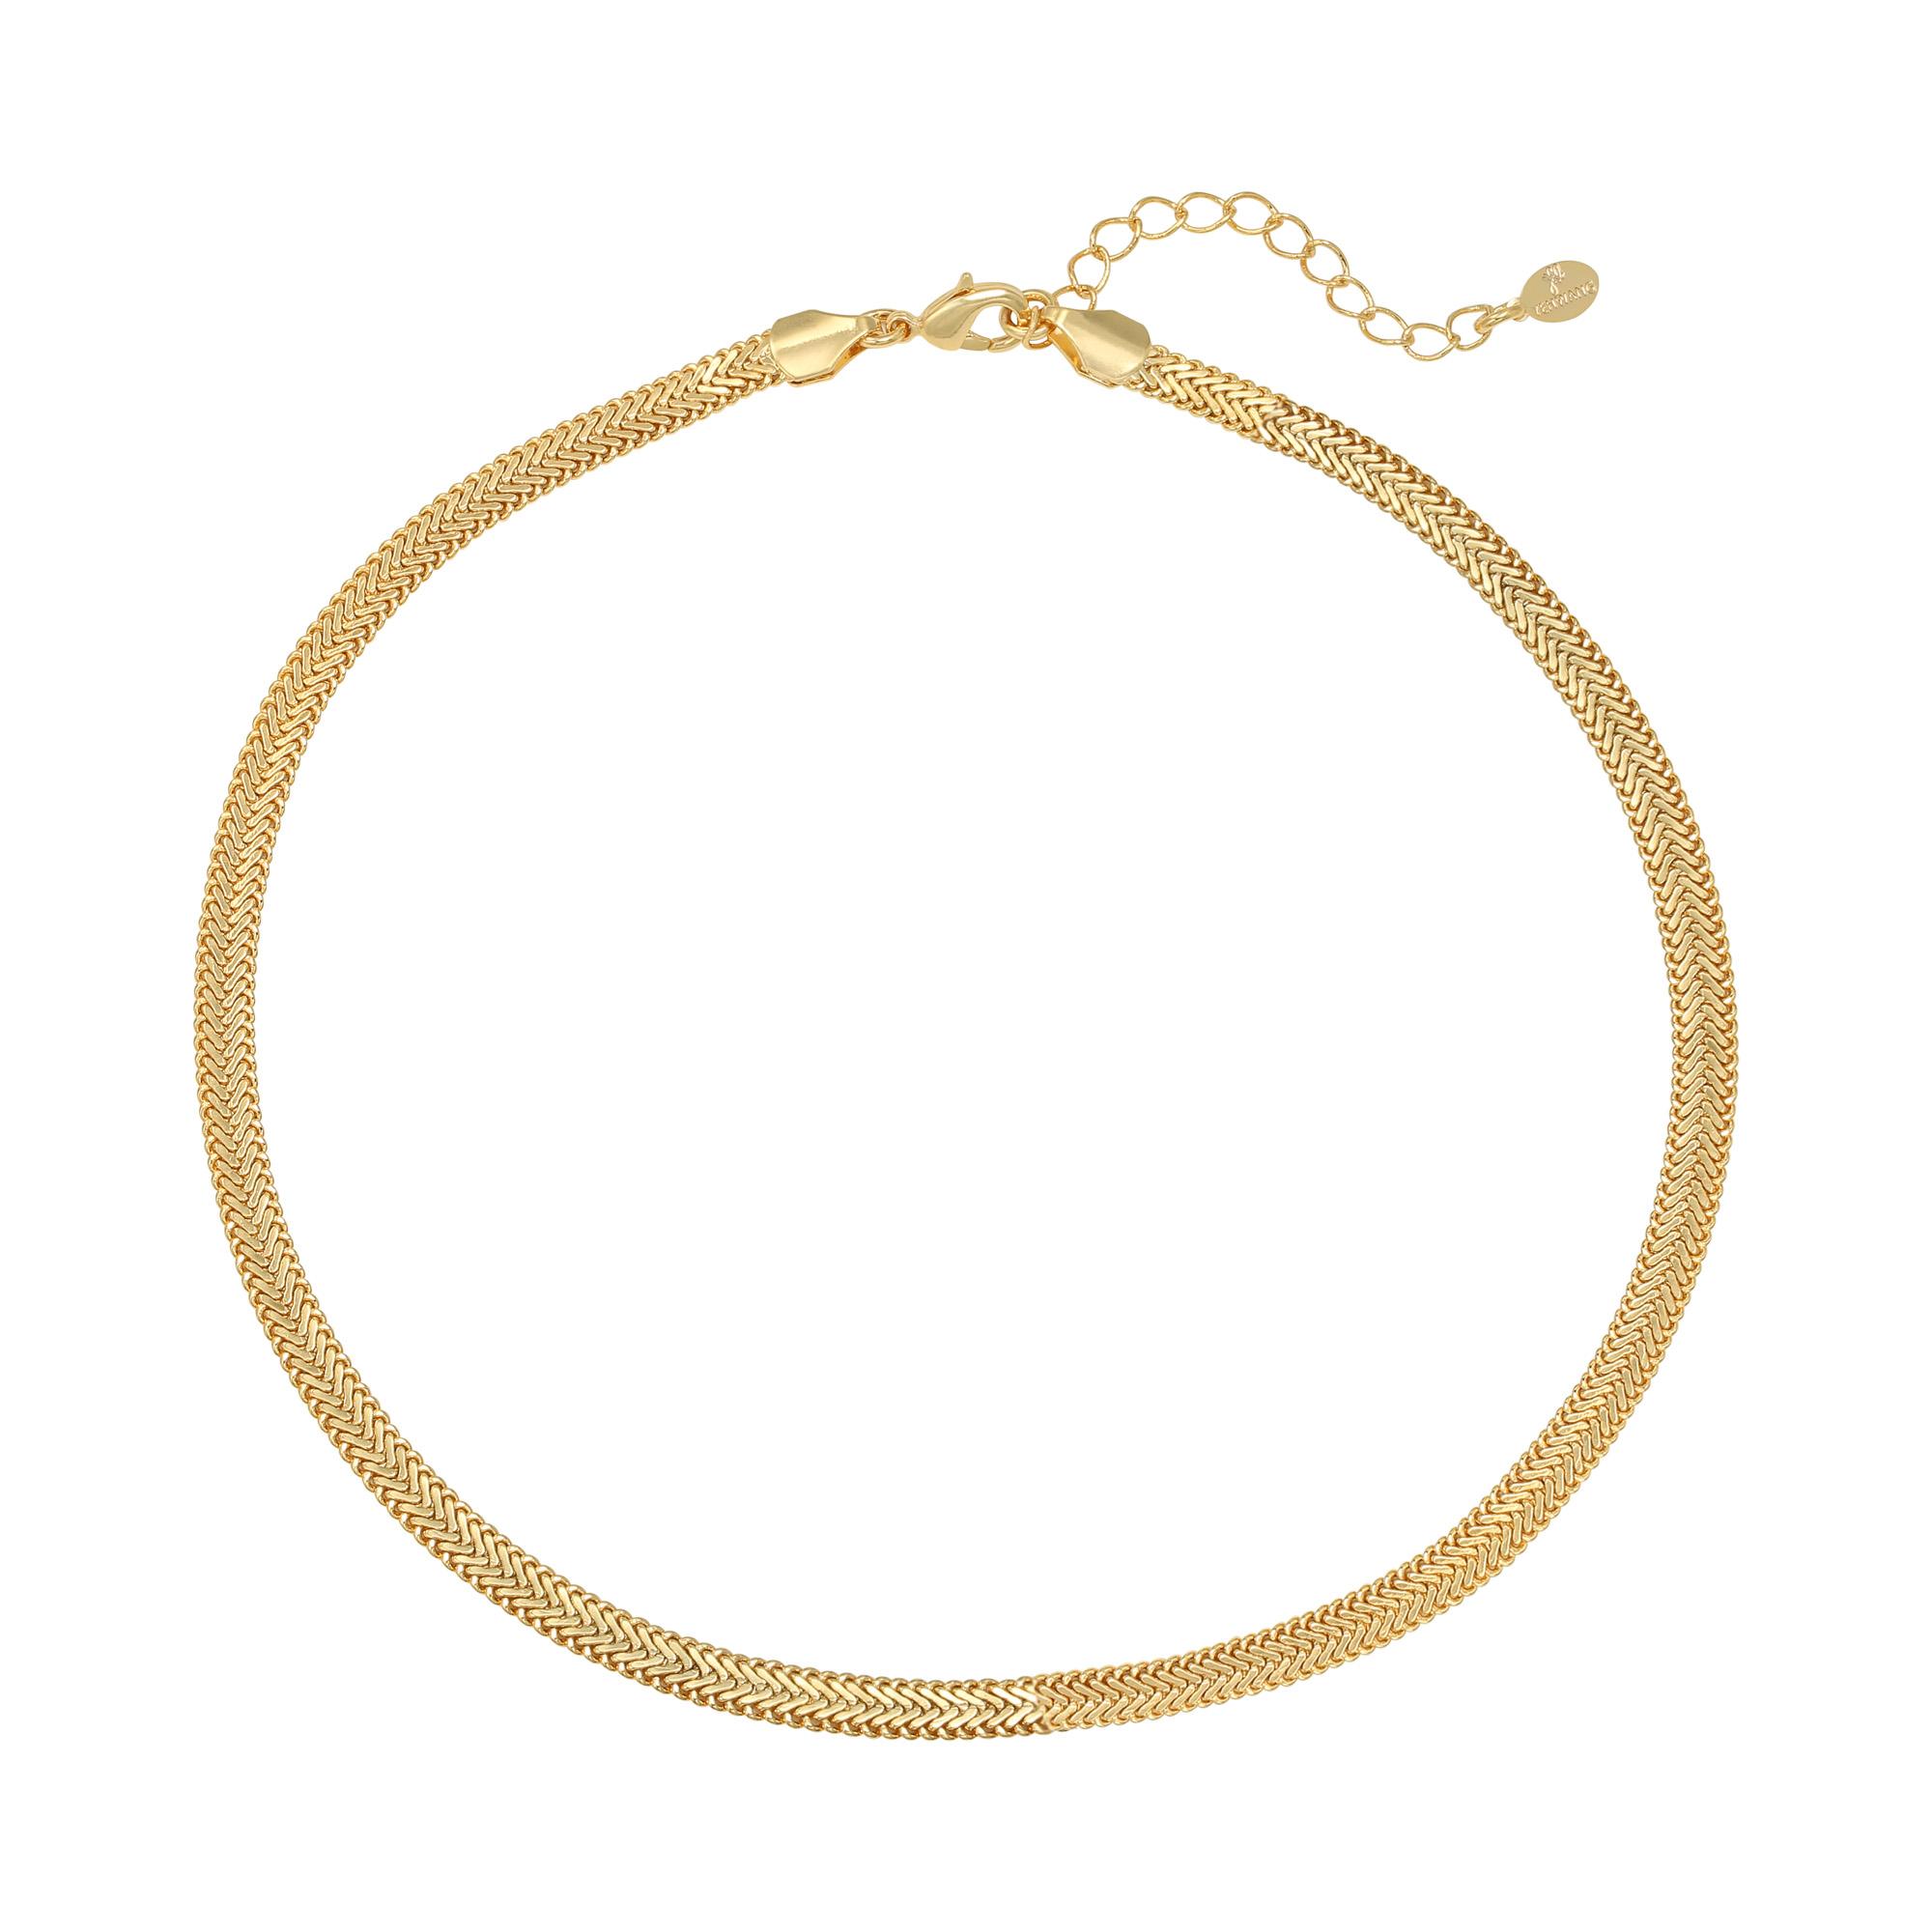 Collar Snaky Chain